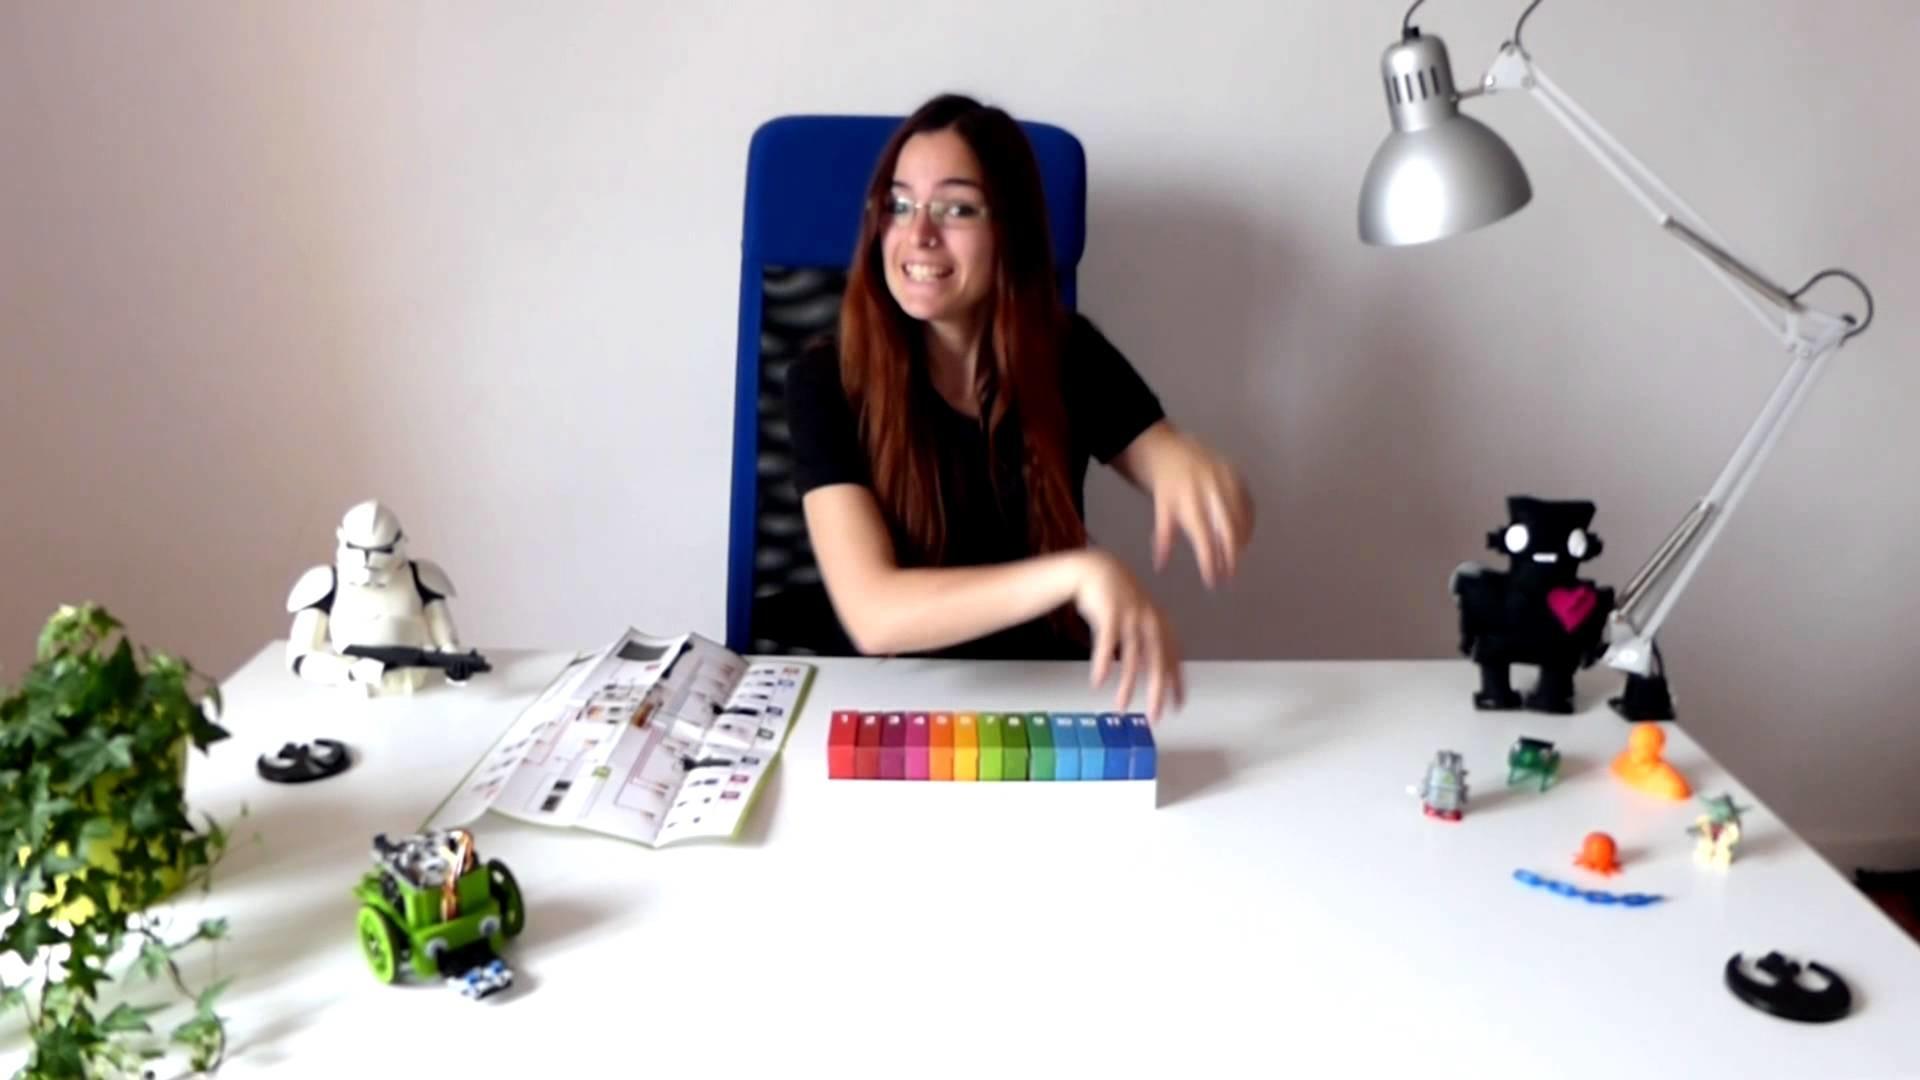 """Bq Tutoriales DIY - Presentación de """"Mi Primer Kit de Robótica"""""""